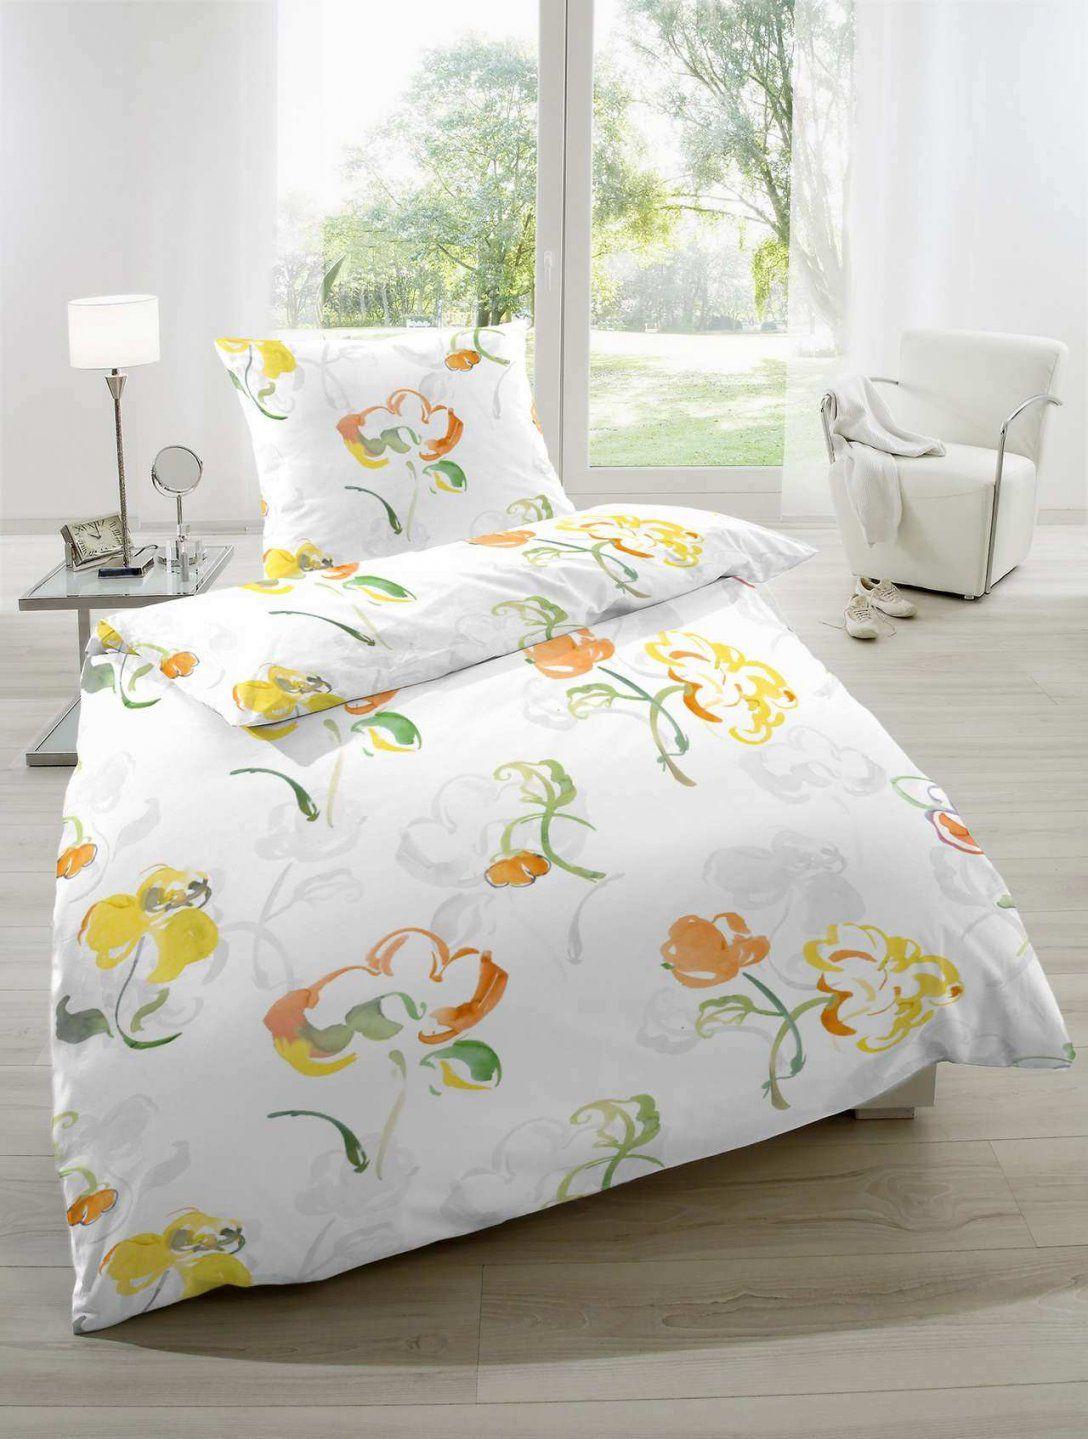 microfaser seersucker bettw sche 155x220 haus design ideen. Black Bedroom Furniture Sets. Home Design Ideas